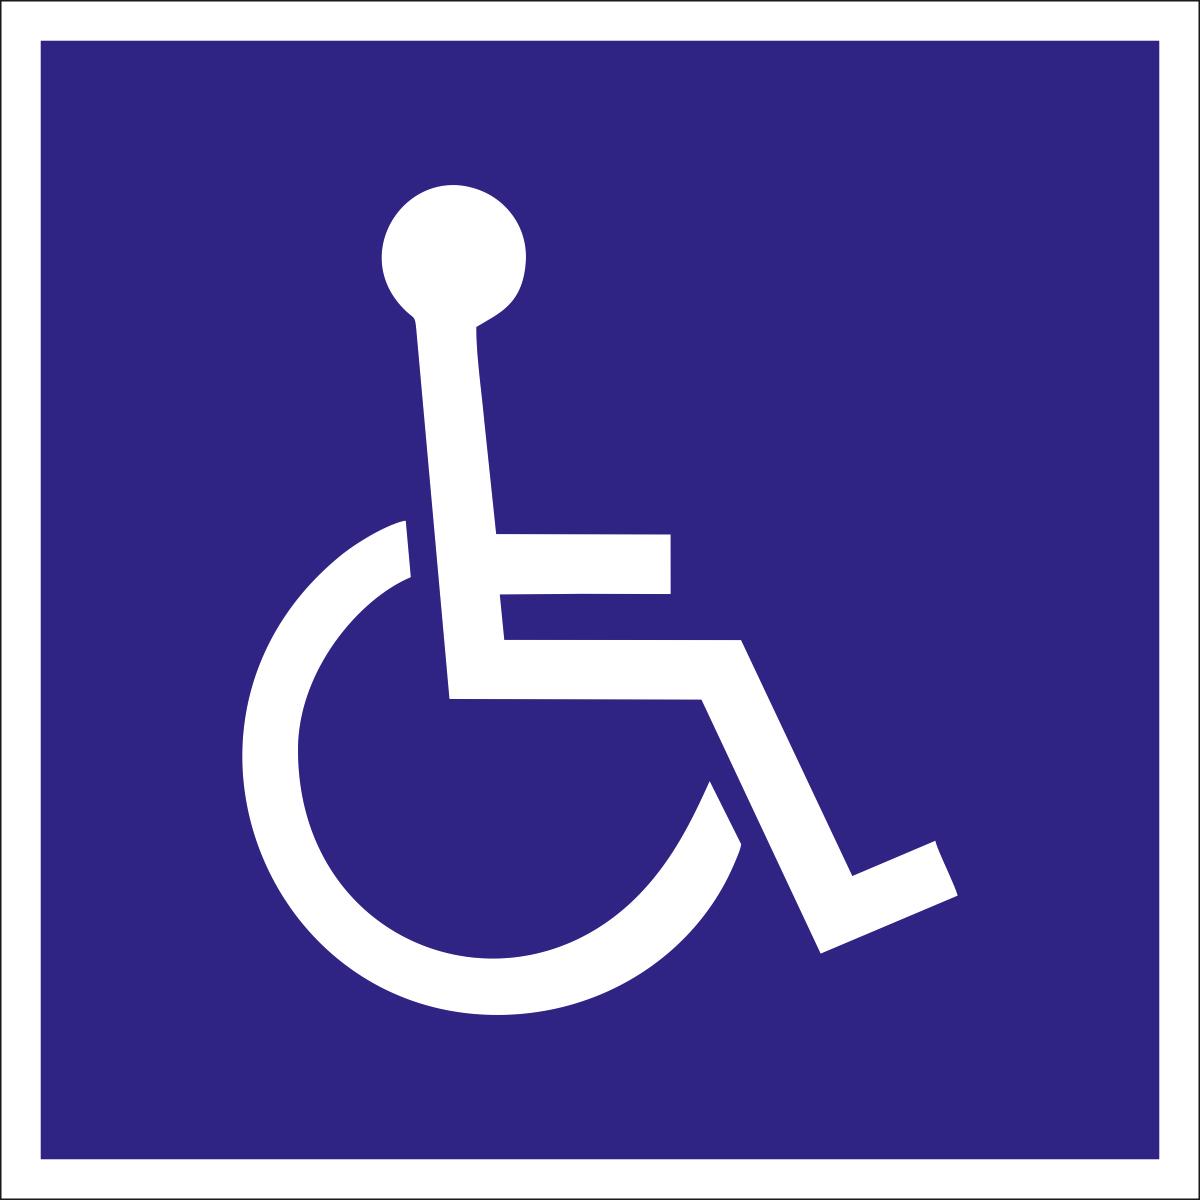 Наклейка информационная Оранжевый Слоник Доступность для инвалидов в креслах-колясках, 15 х 15 смINH001RGBИнформационные наклейки предназначенны для предупреждения людей о непосредственной или возможной опасности, запрещения, предписания или разрешения определенных действий, а также для информации о расположении объектов и средств, использование которых ислючает или снижает воздействие опасных и (или) вредных факторов.